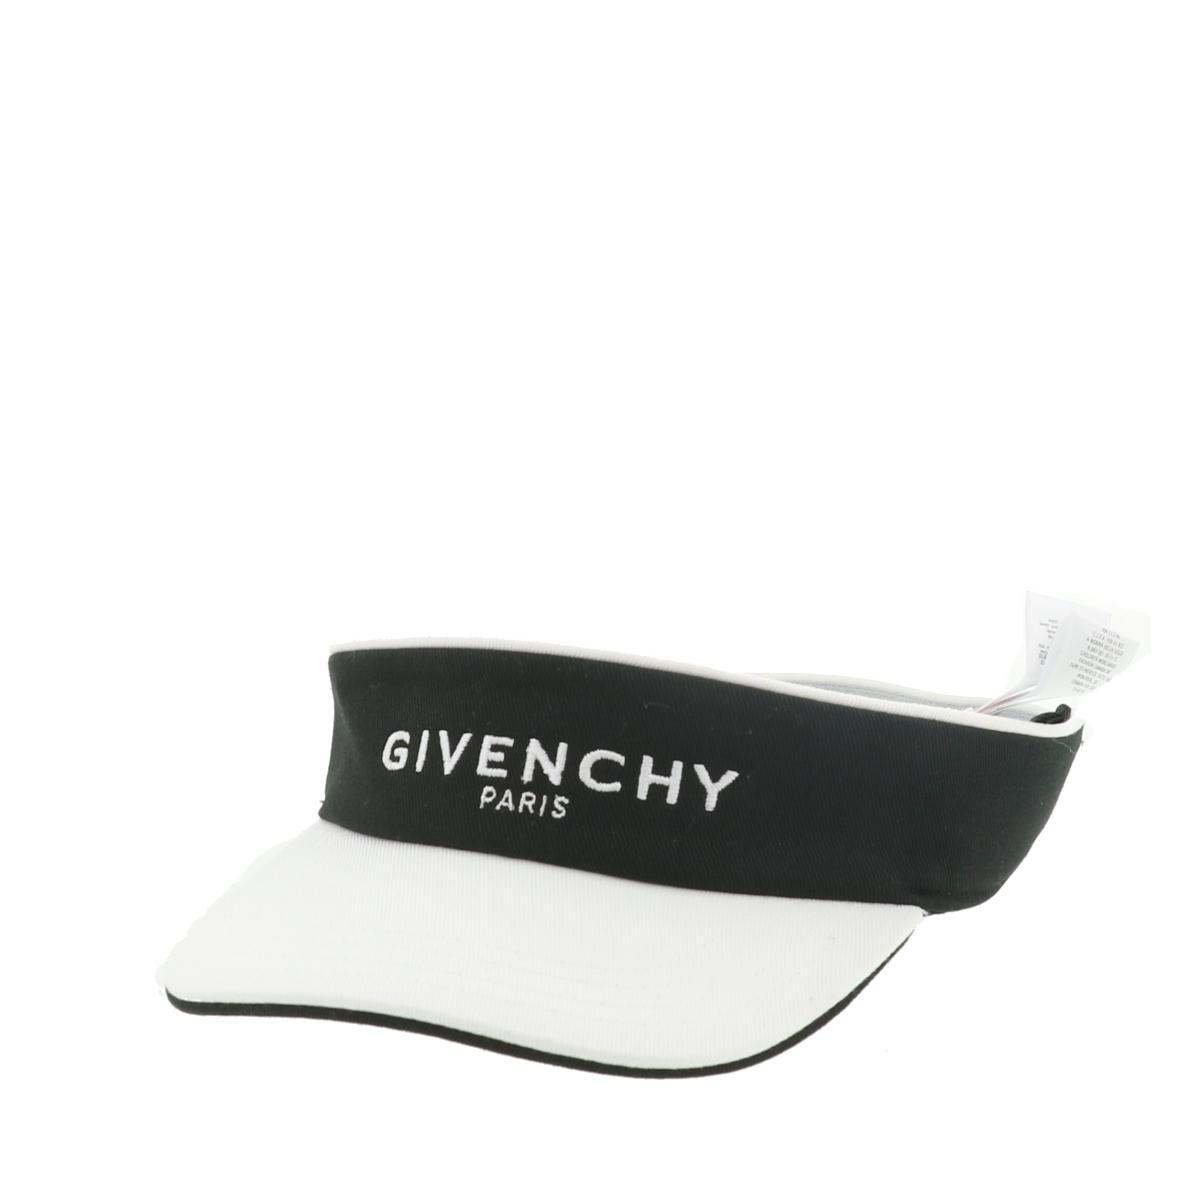 【即日発送・水曜定休日・木曜発送】【美品】【中古】【RI】 GIVENCHY (ジバンシー) サンバイザー 服飾 帽子/手袋  Black・White